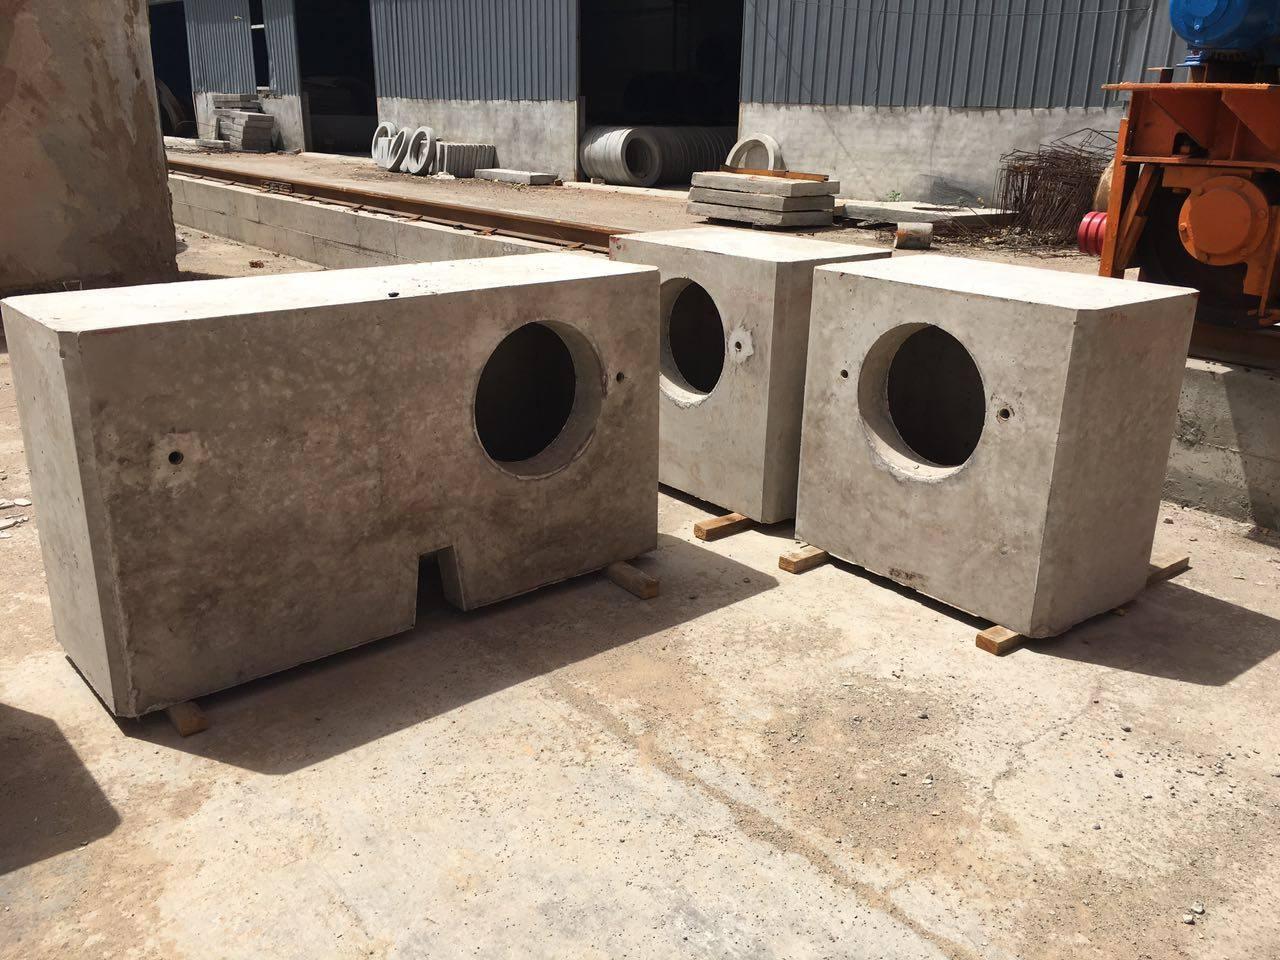 陕西水泥制品综合管廊在市政工程项目中得到应用